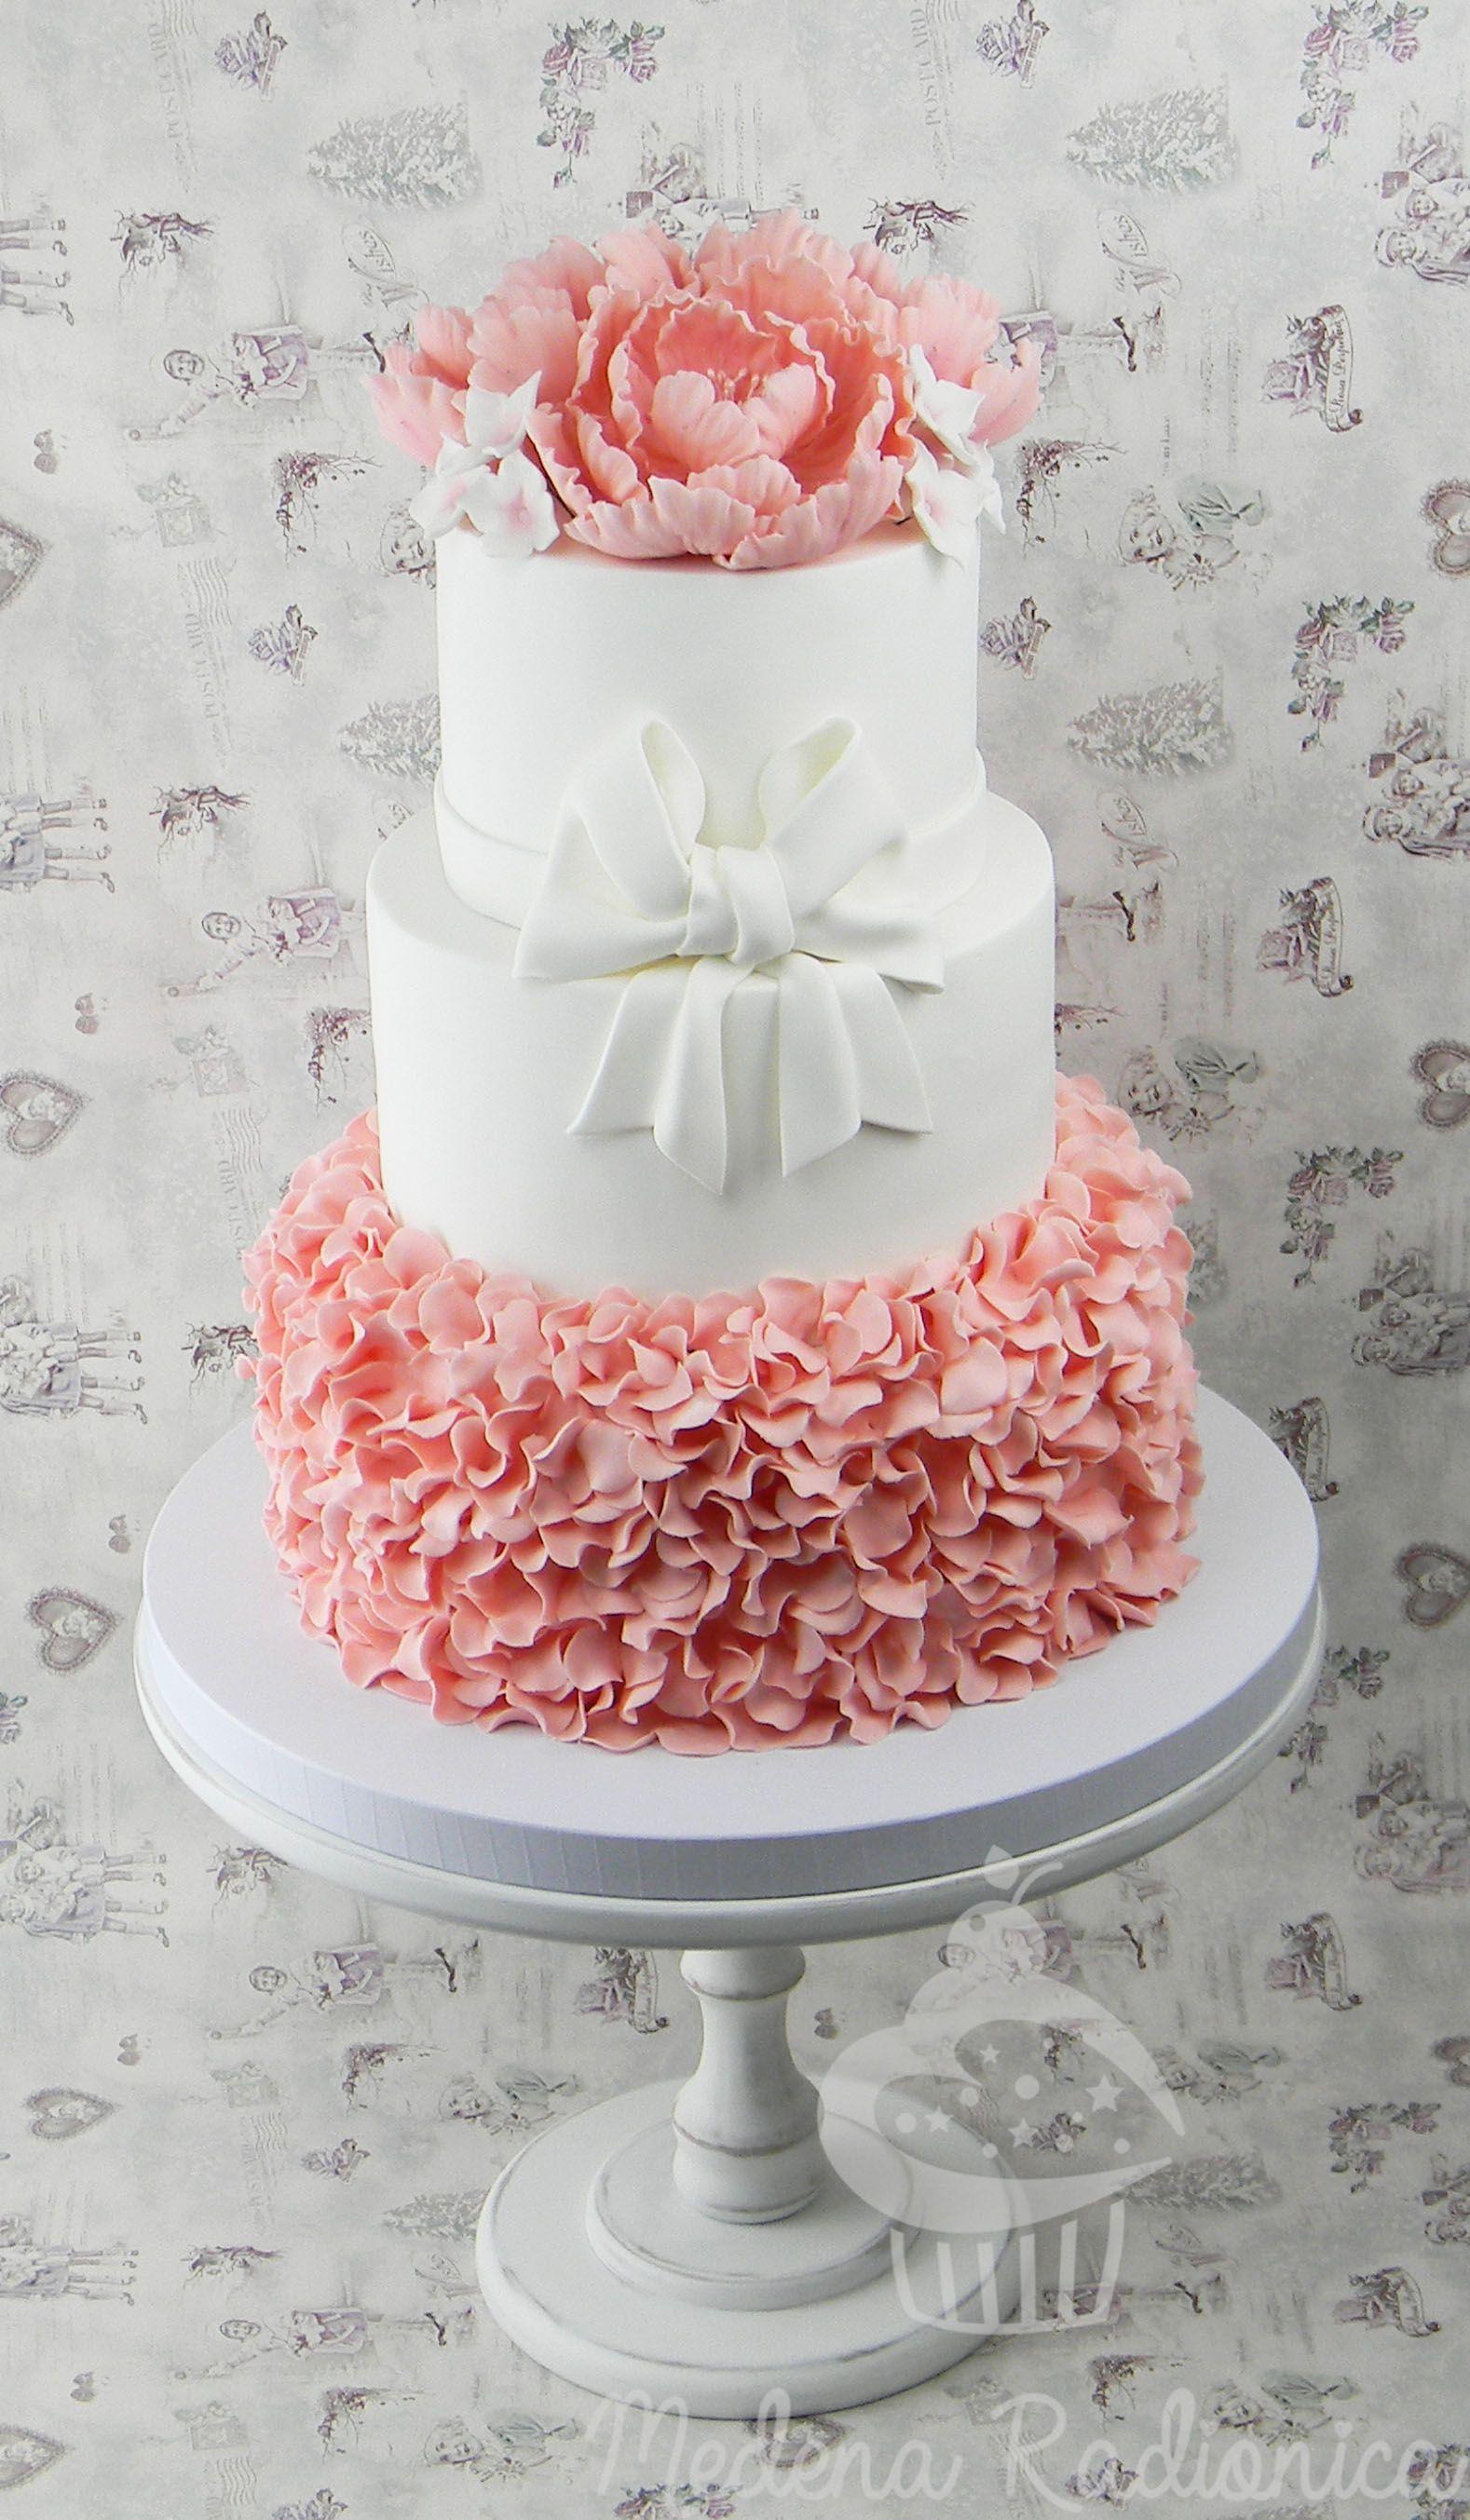 Wedding cake | Cakes | Pinterest | Wedding cake and Cake